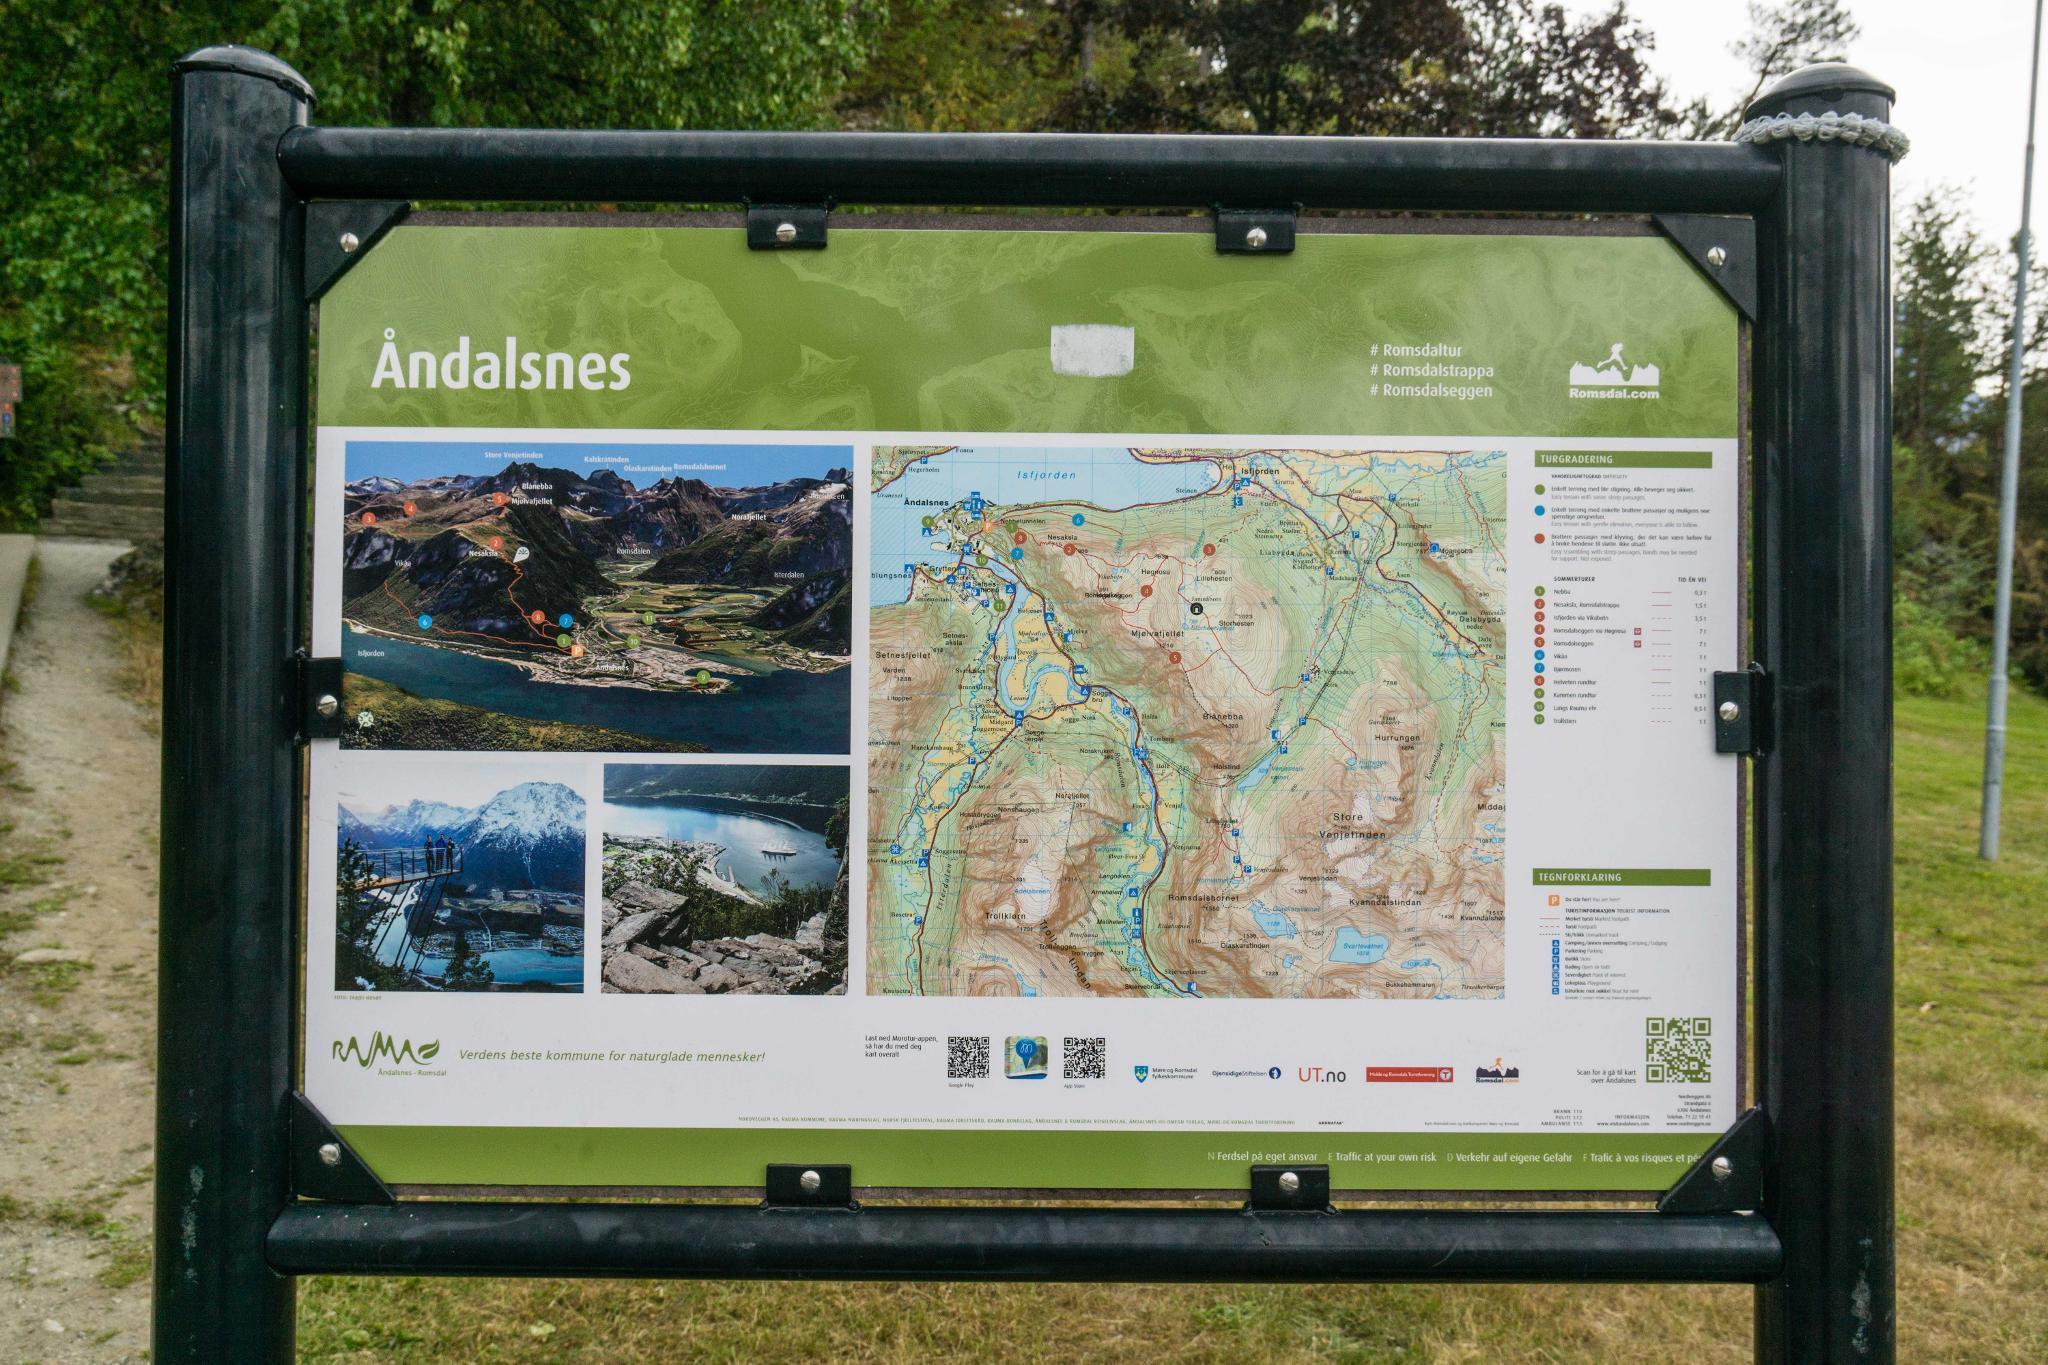 【北歐景點】峽灣區起點Åndalsnes健行 - 鳥瞰峽灣全景的Rampestreken觀景台 8